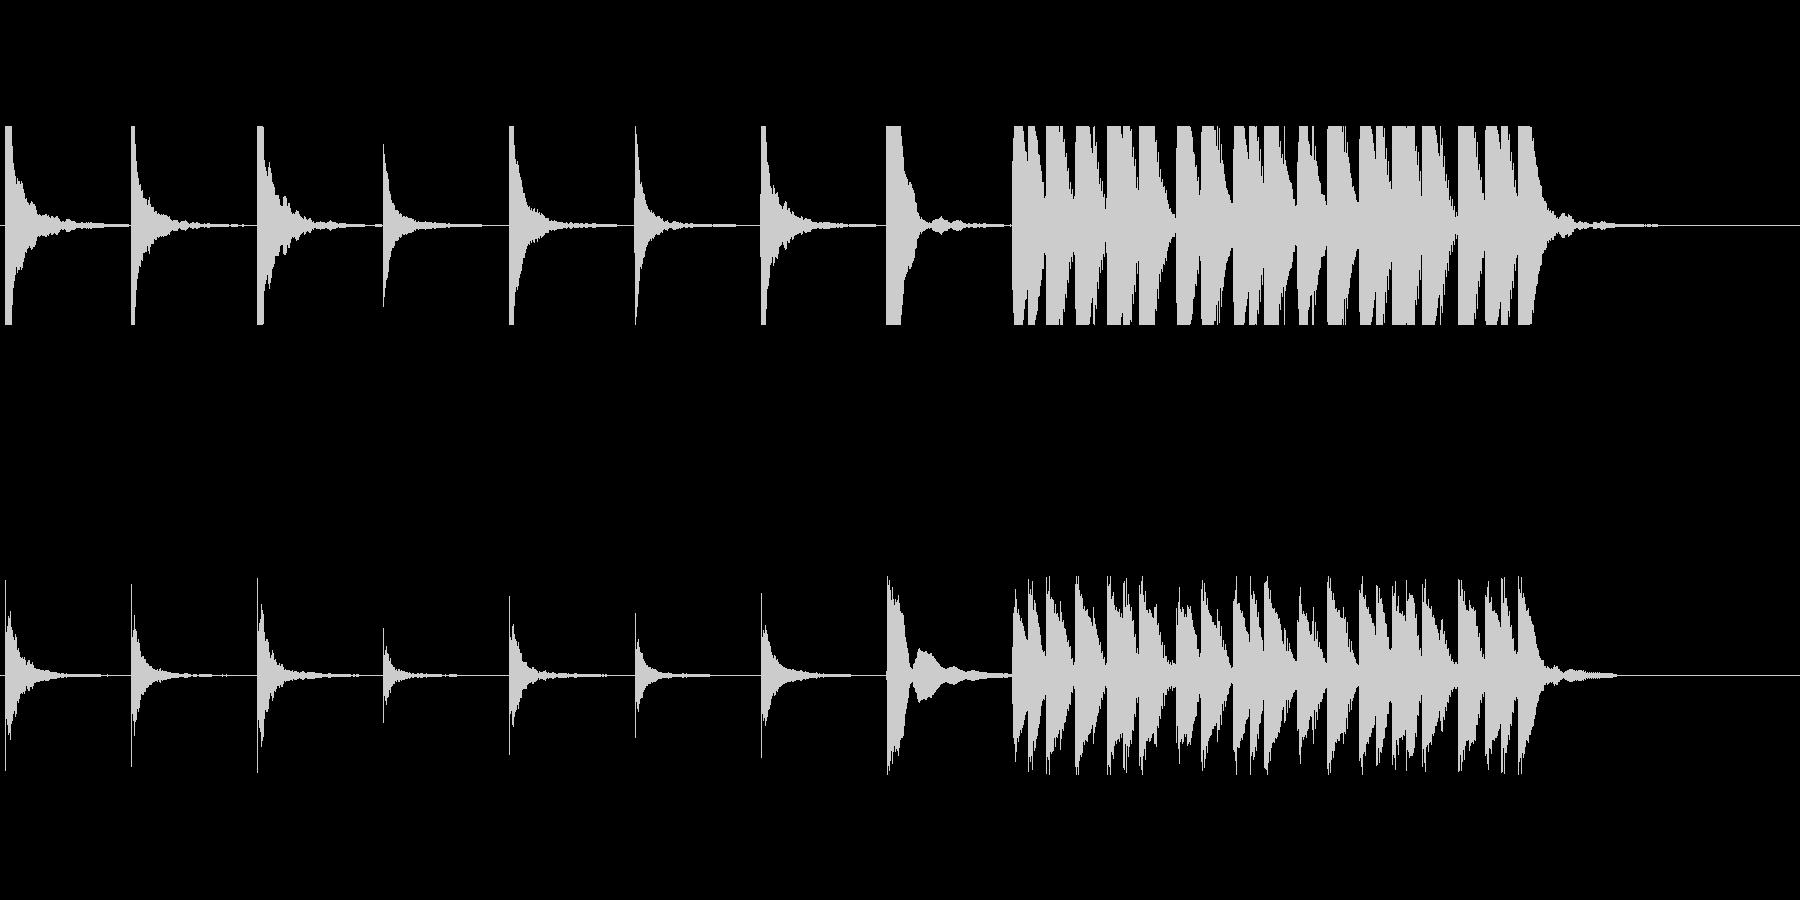 アフリカン木琴によるコミカルな音の未再生の波形